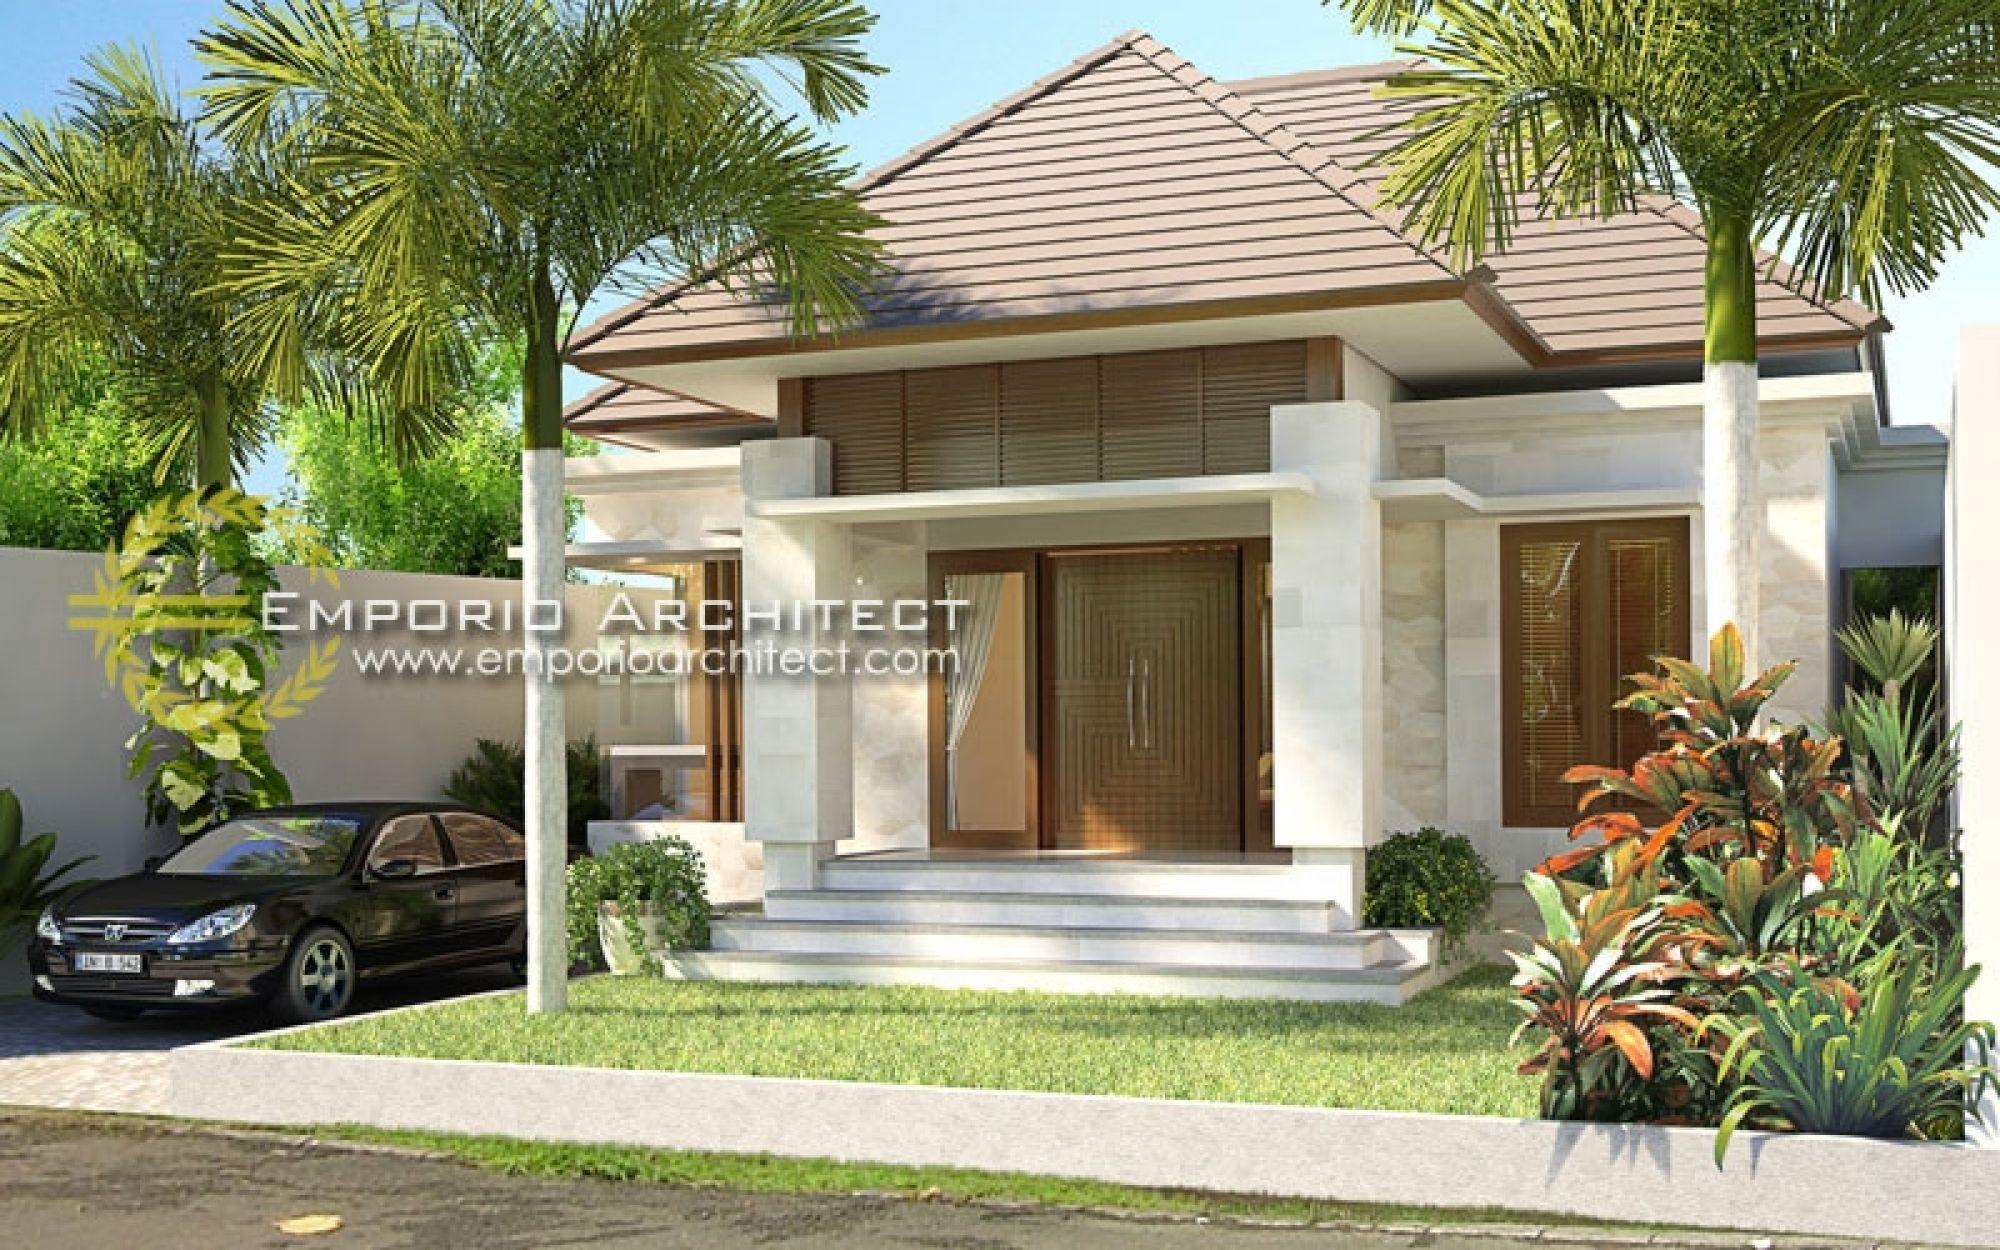 Desain rumah riani jasa arsitek desain rumah berkualitas desain villa bali modern tropis profesional berpengalaman dari emporio architect